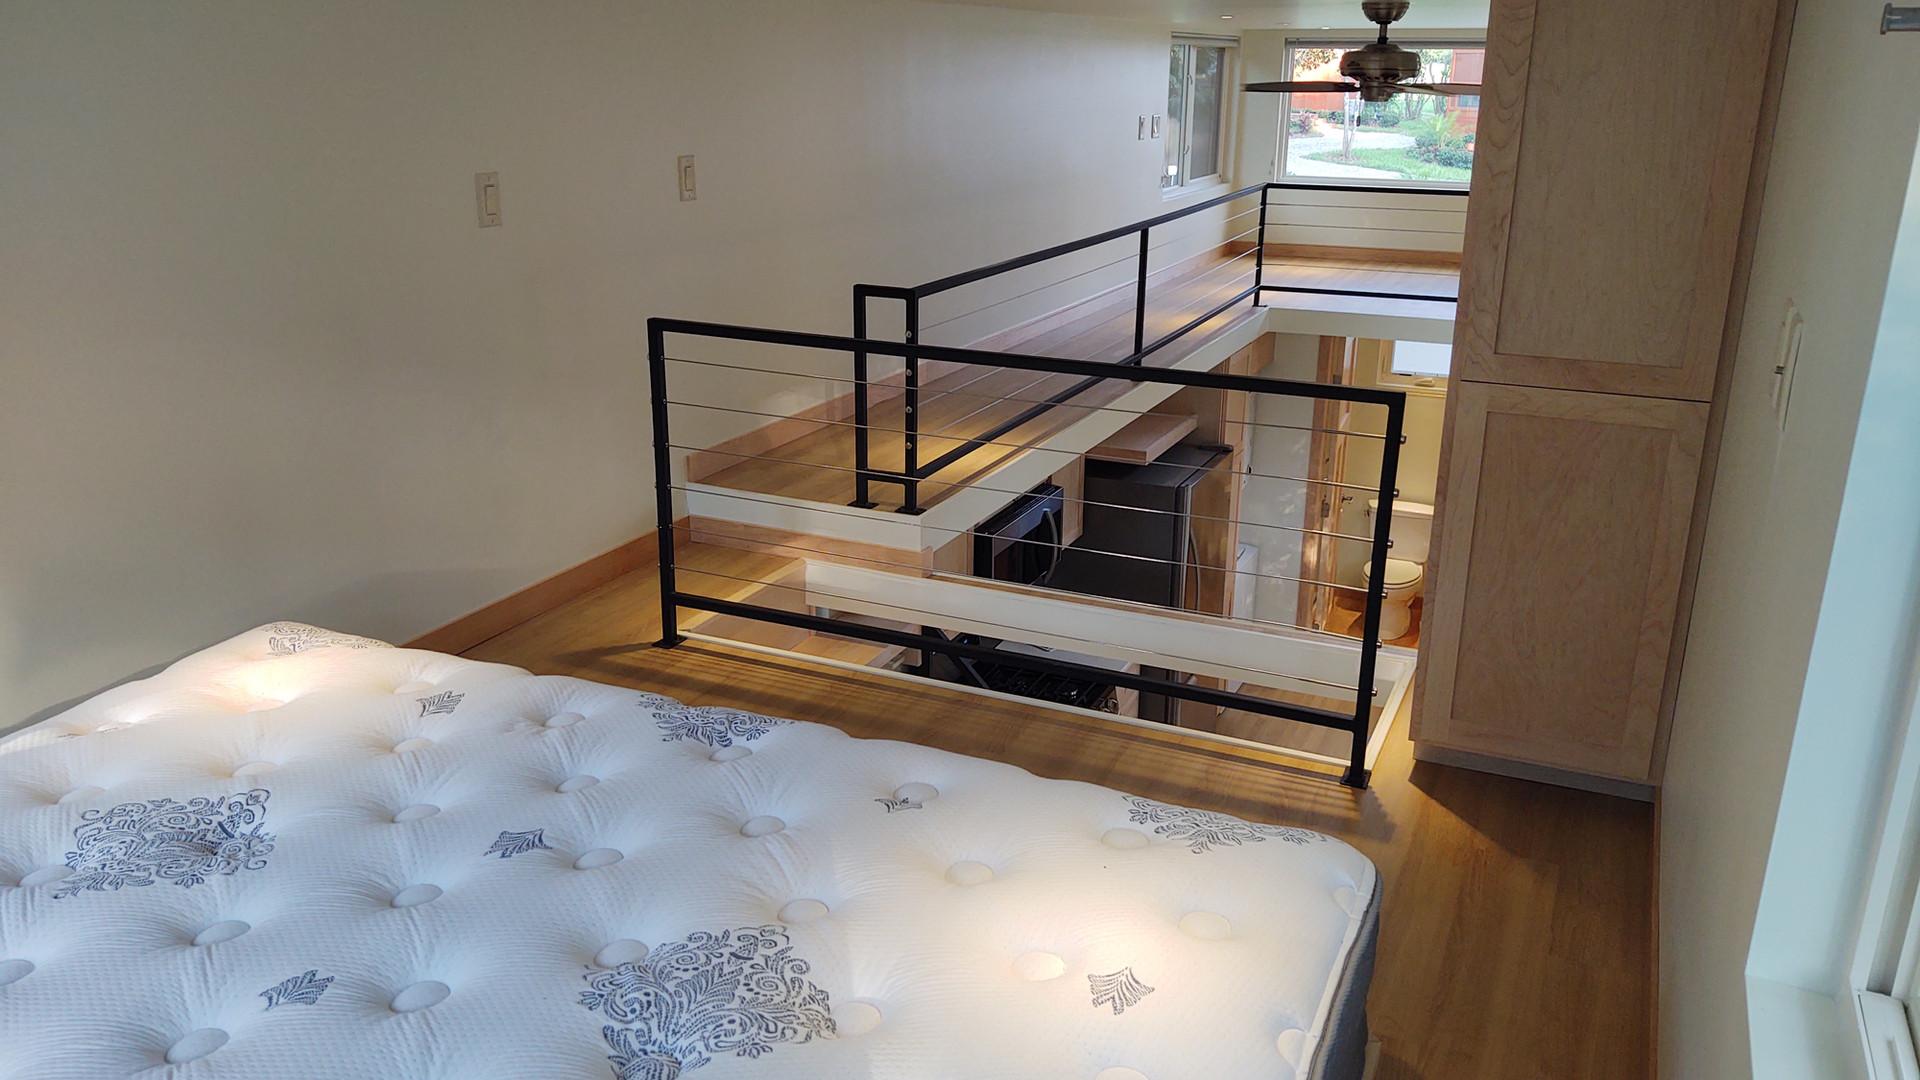 Bedroom Storage + Loft Walkway